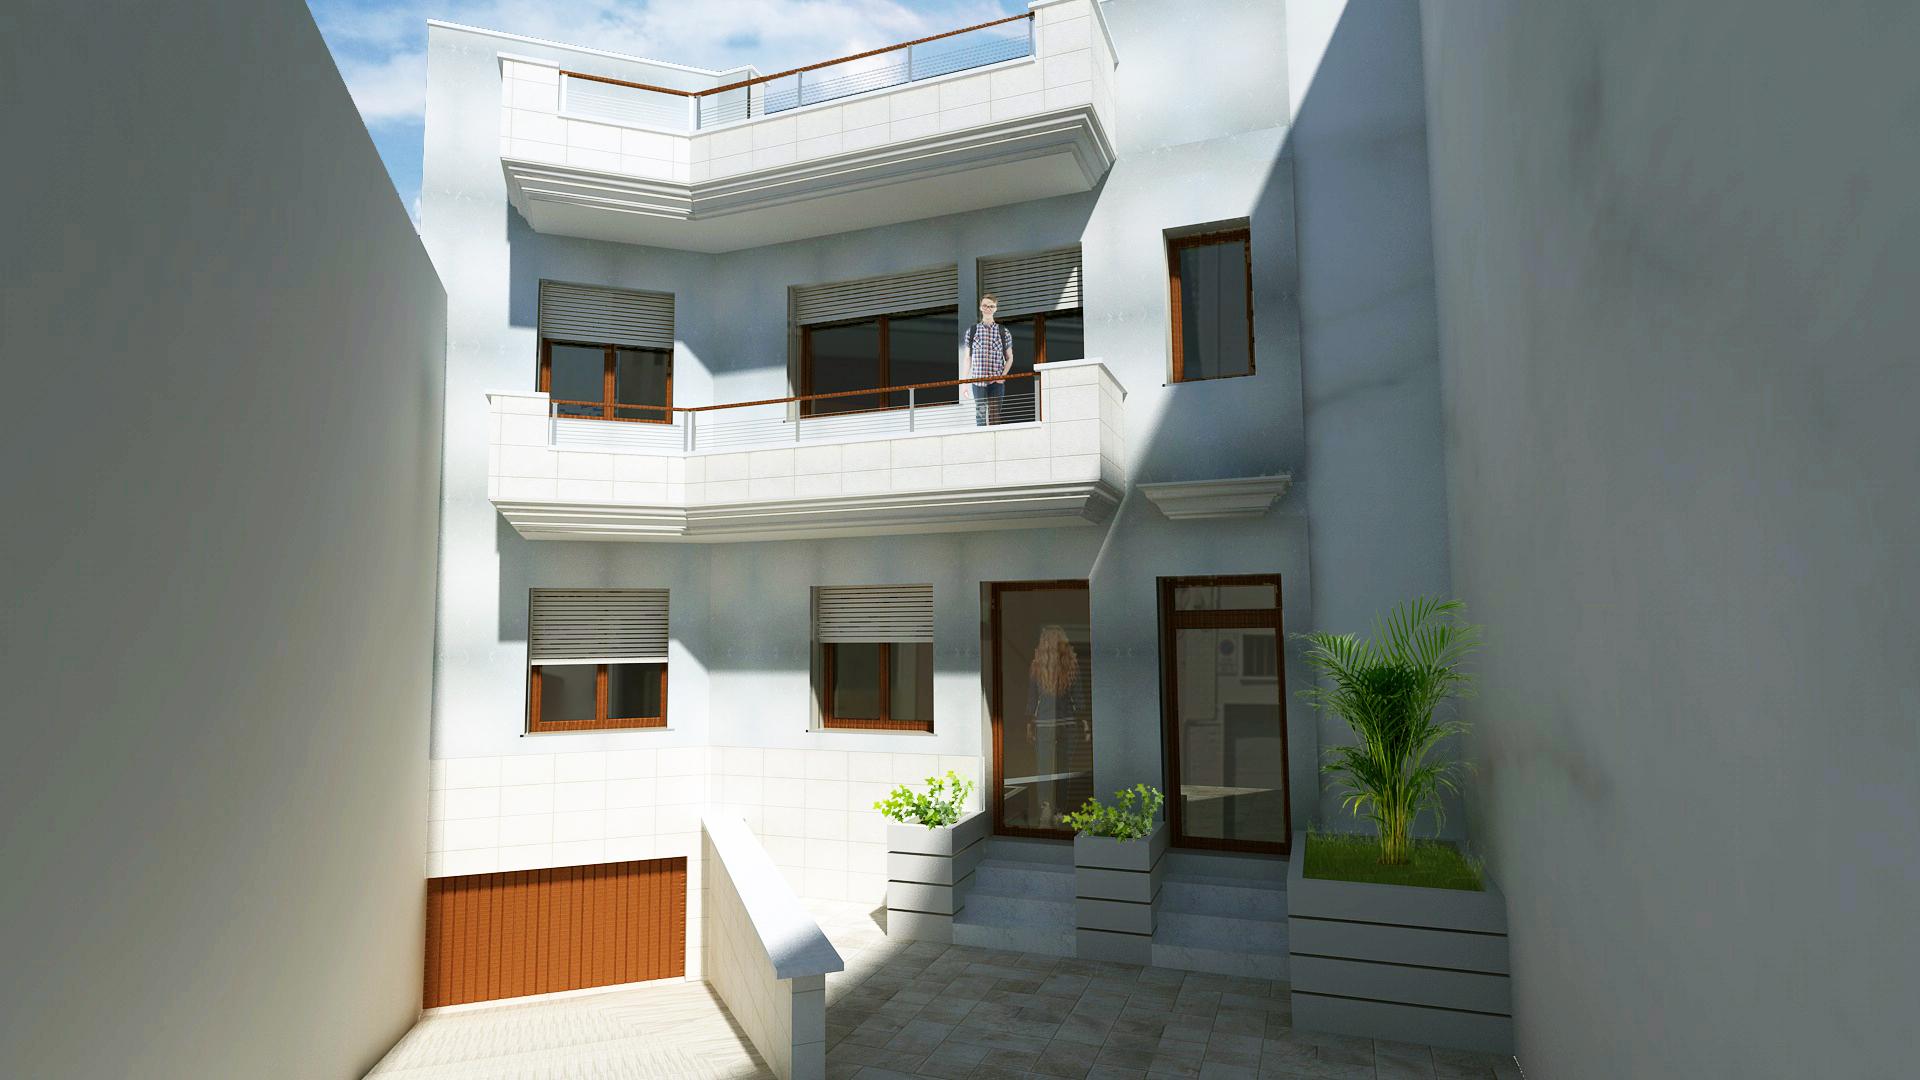 Appartamenti nuove costruzioni in vendita, 4 vani e doppi servizi